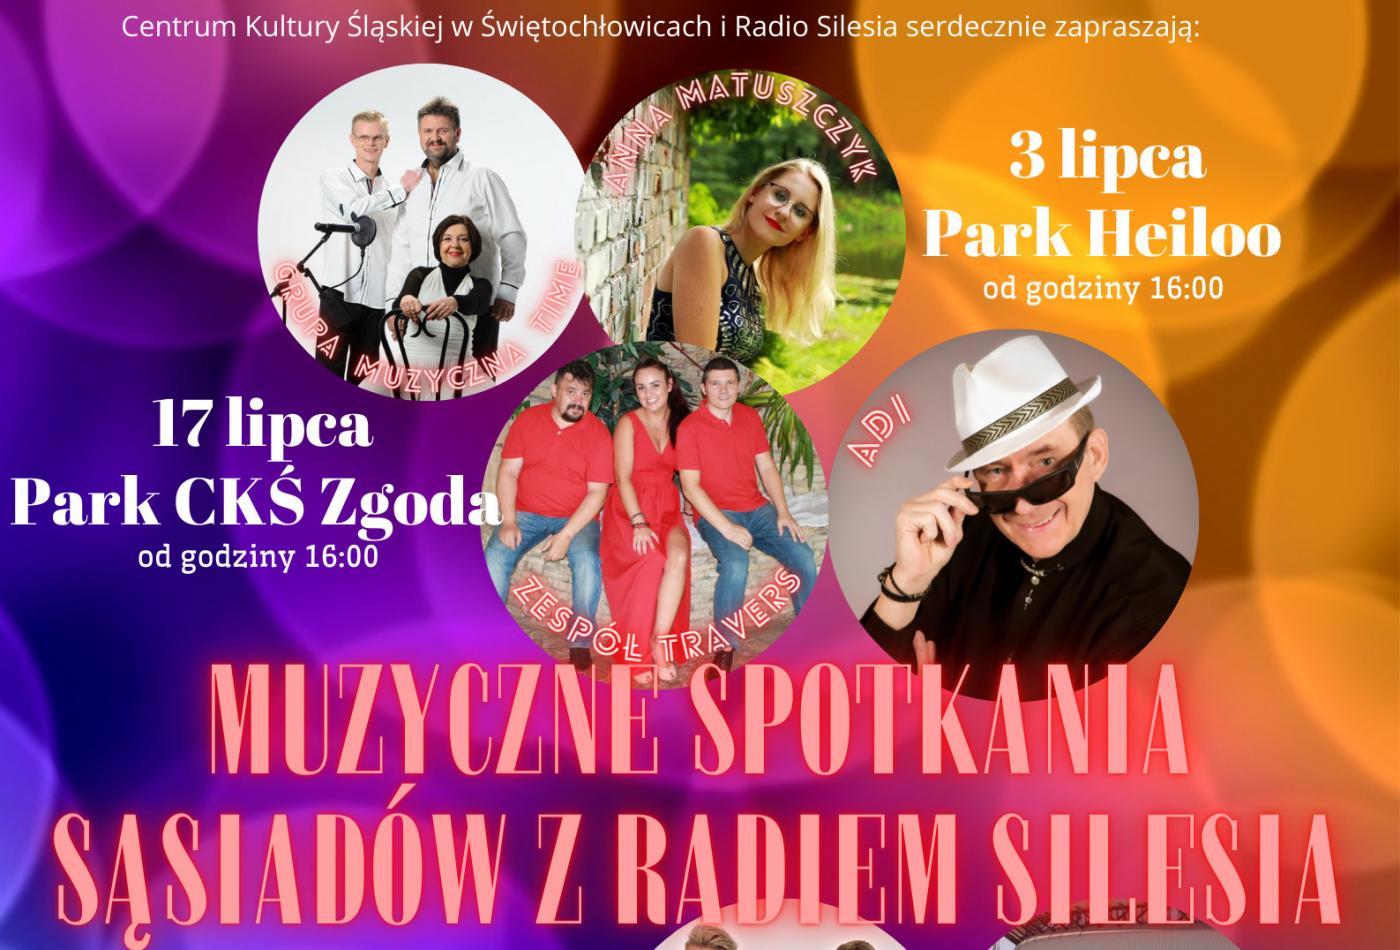 Muzyczne Spotkania Sąsiadów z Radiem Silesia ponownie w wakacje